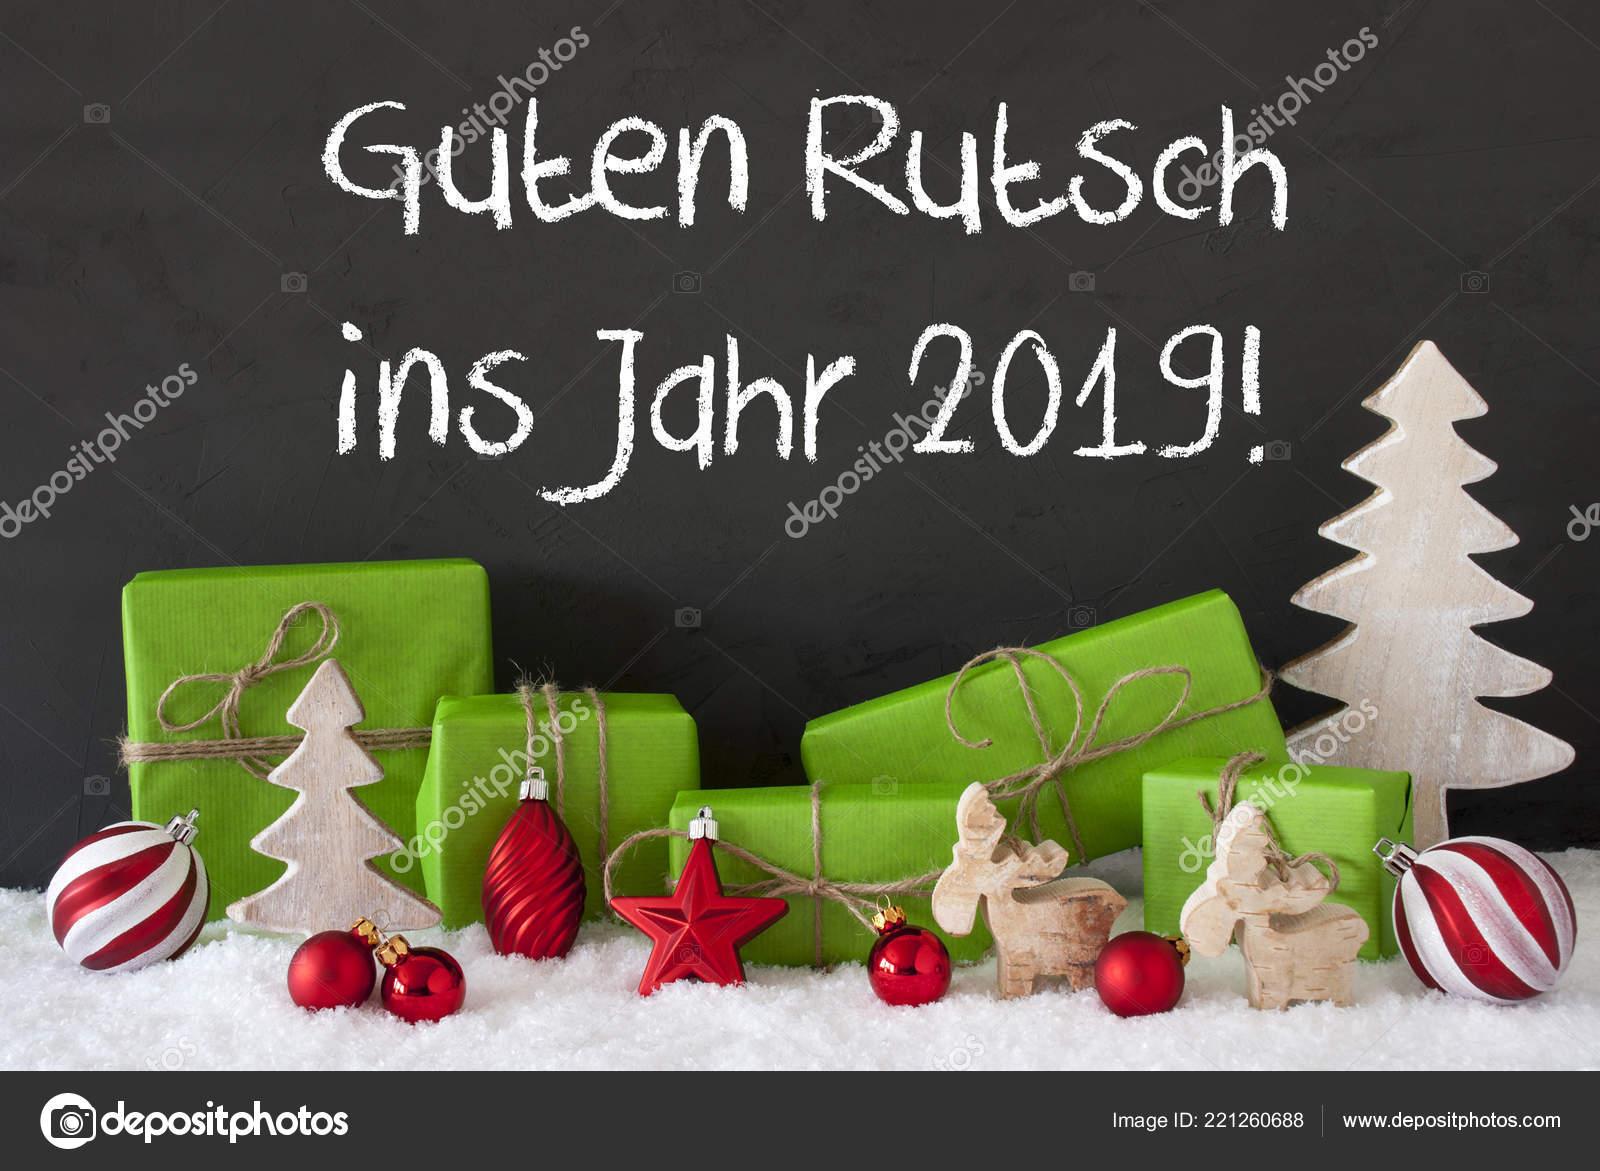 Weihnachten 2019 Schnee.Weihnachten Dekoration Zement Schnee Guten Rutsch 2019 Bedeutet